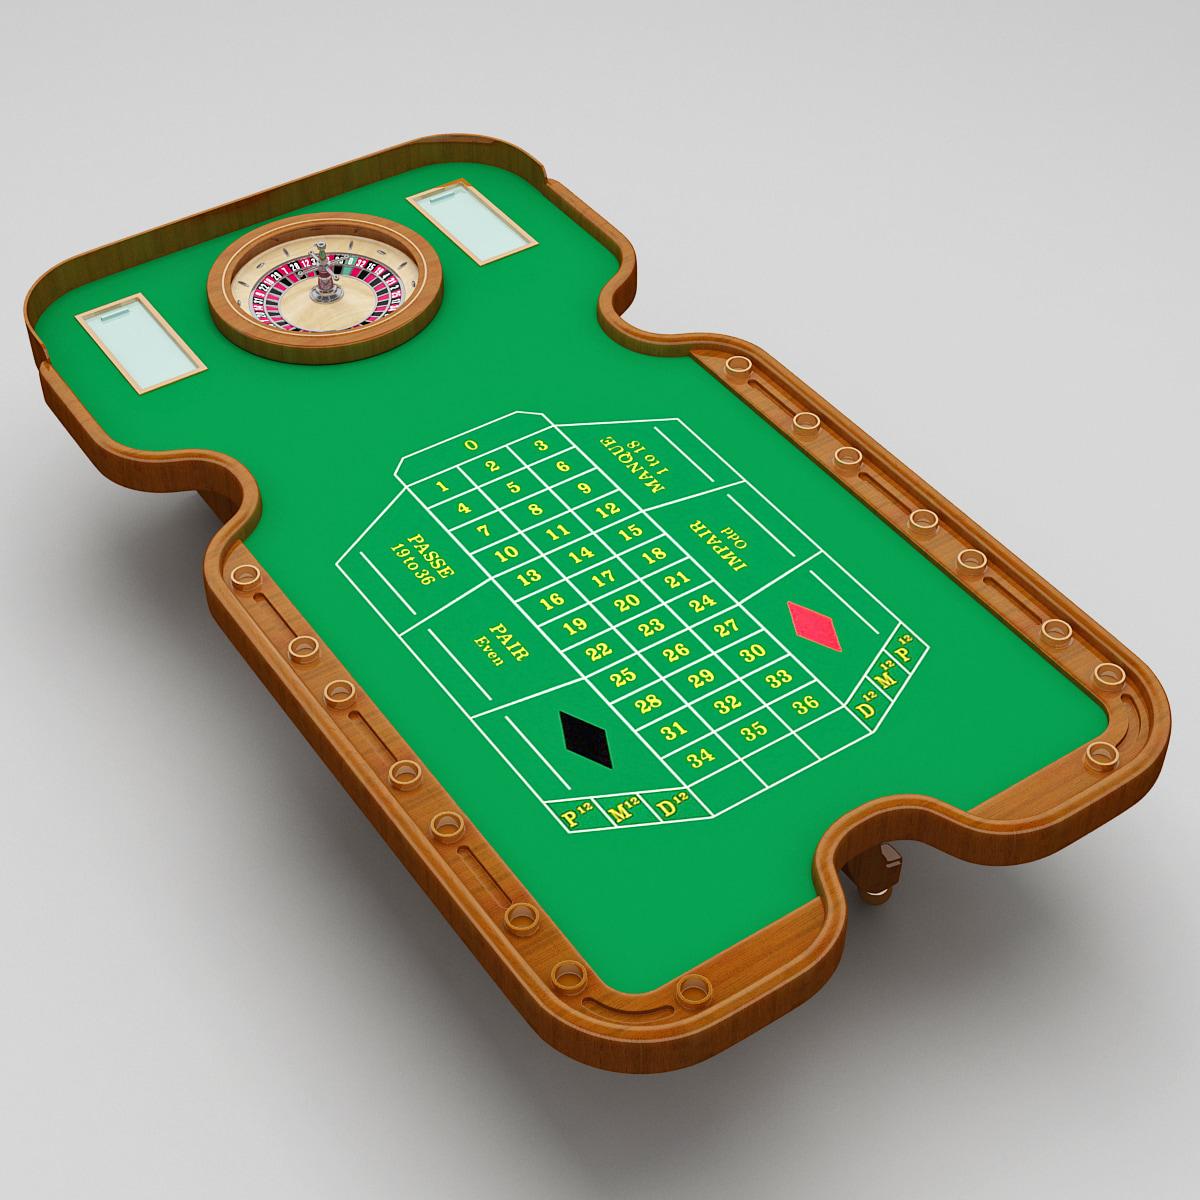 Roulette_Table_V2_0001.jpg